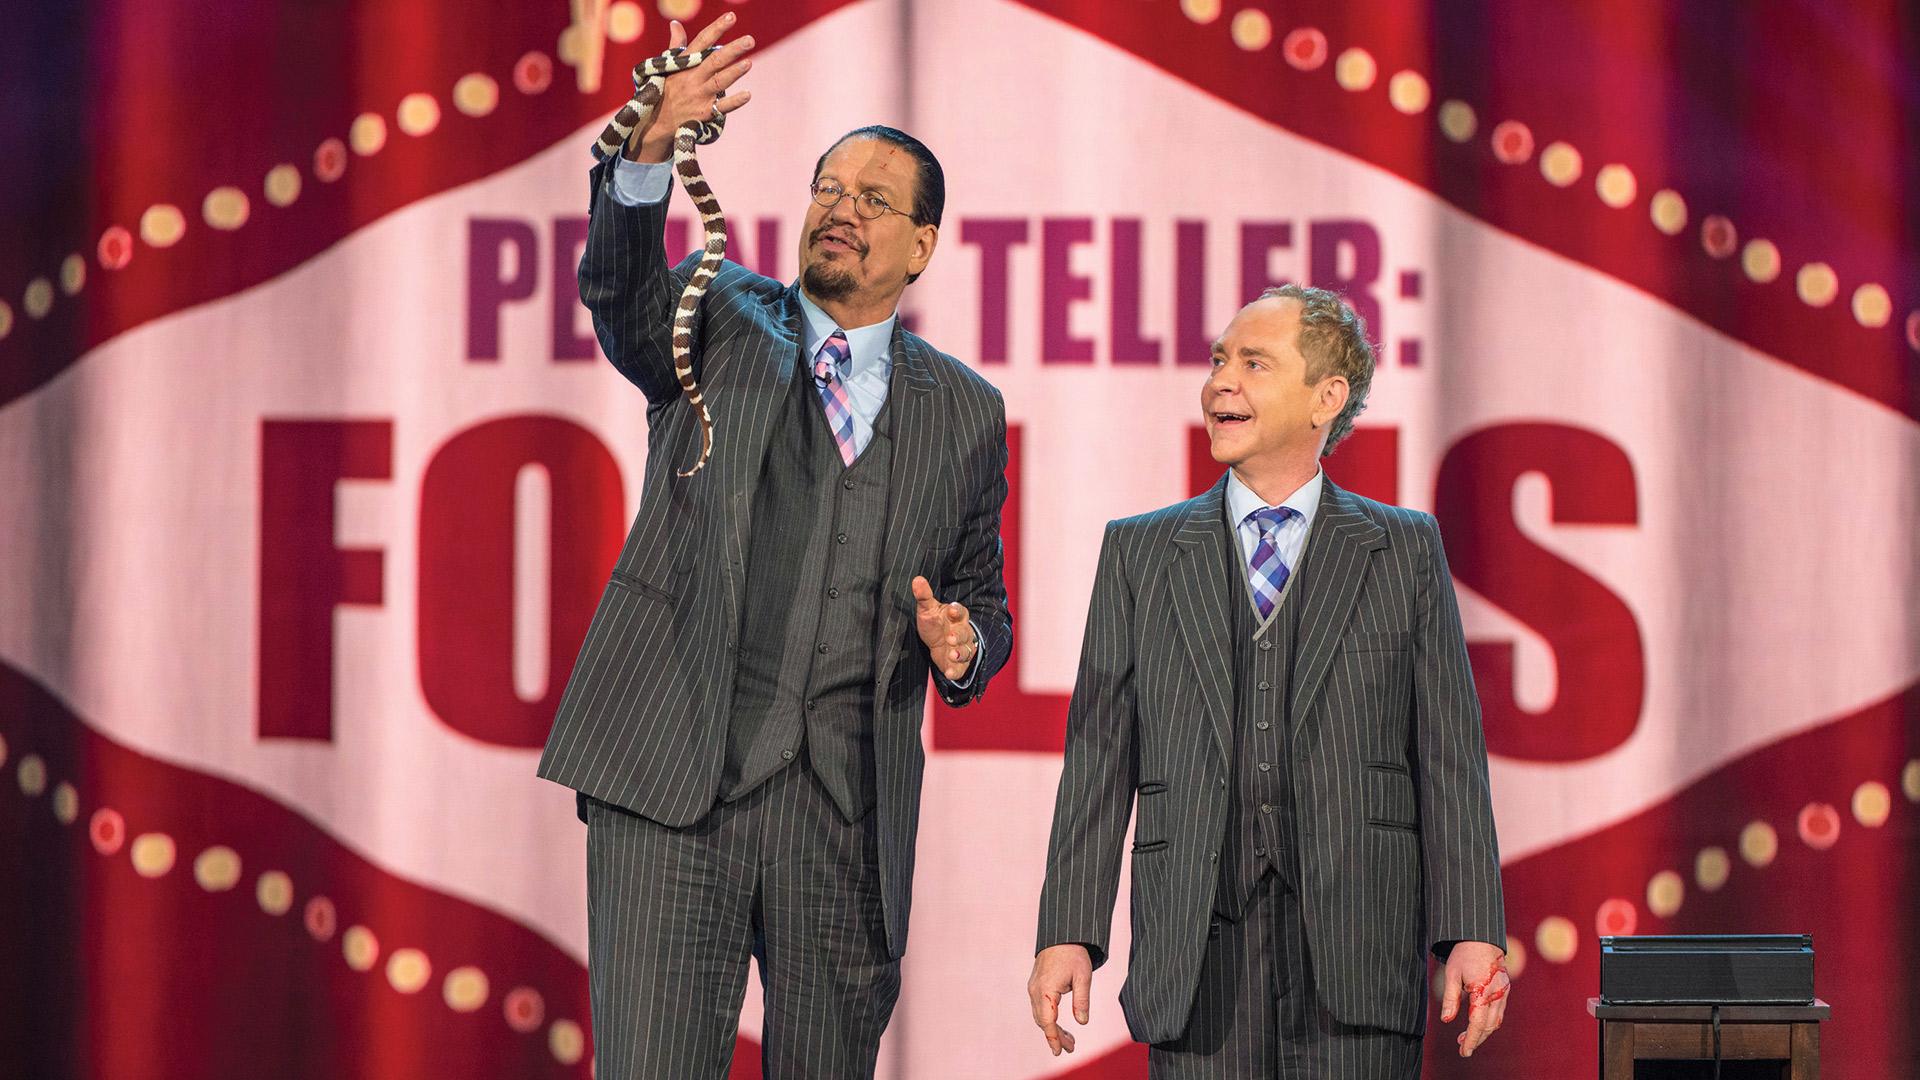 Penn Jillette and Teller, Penn & Teller: Fool Us